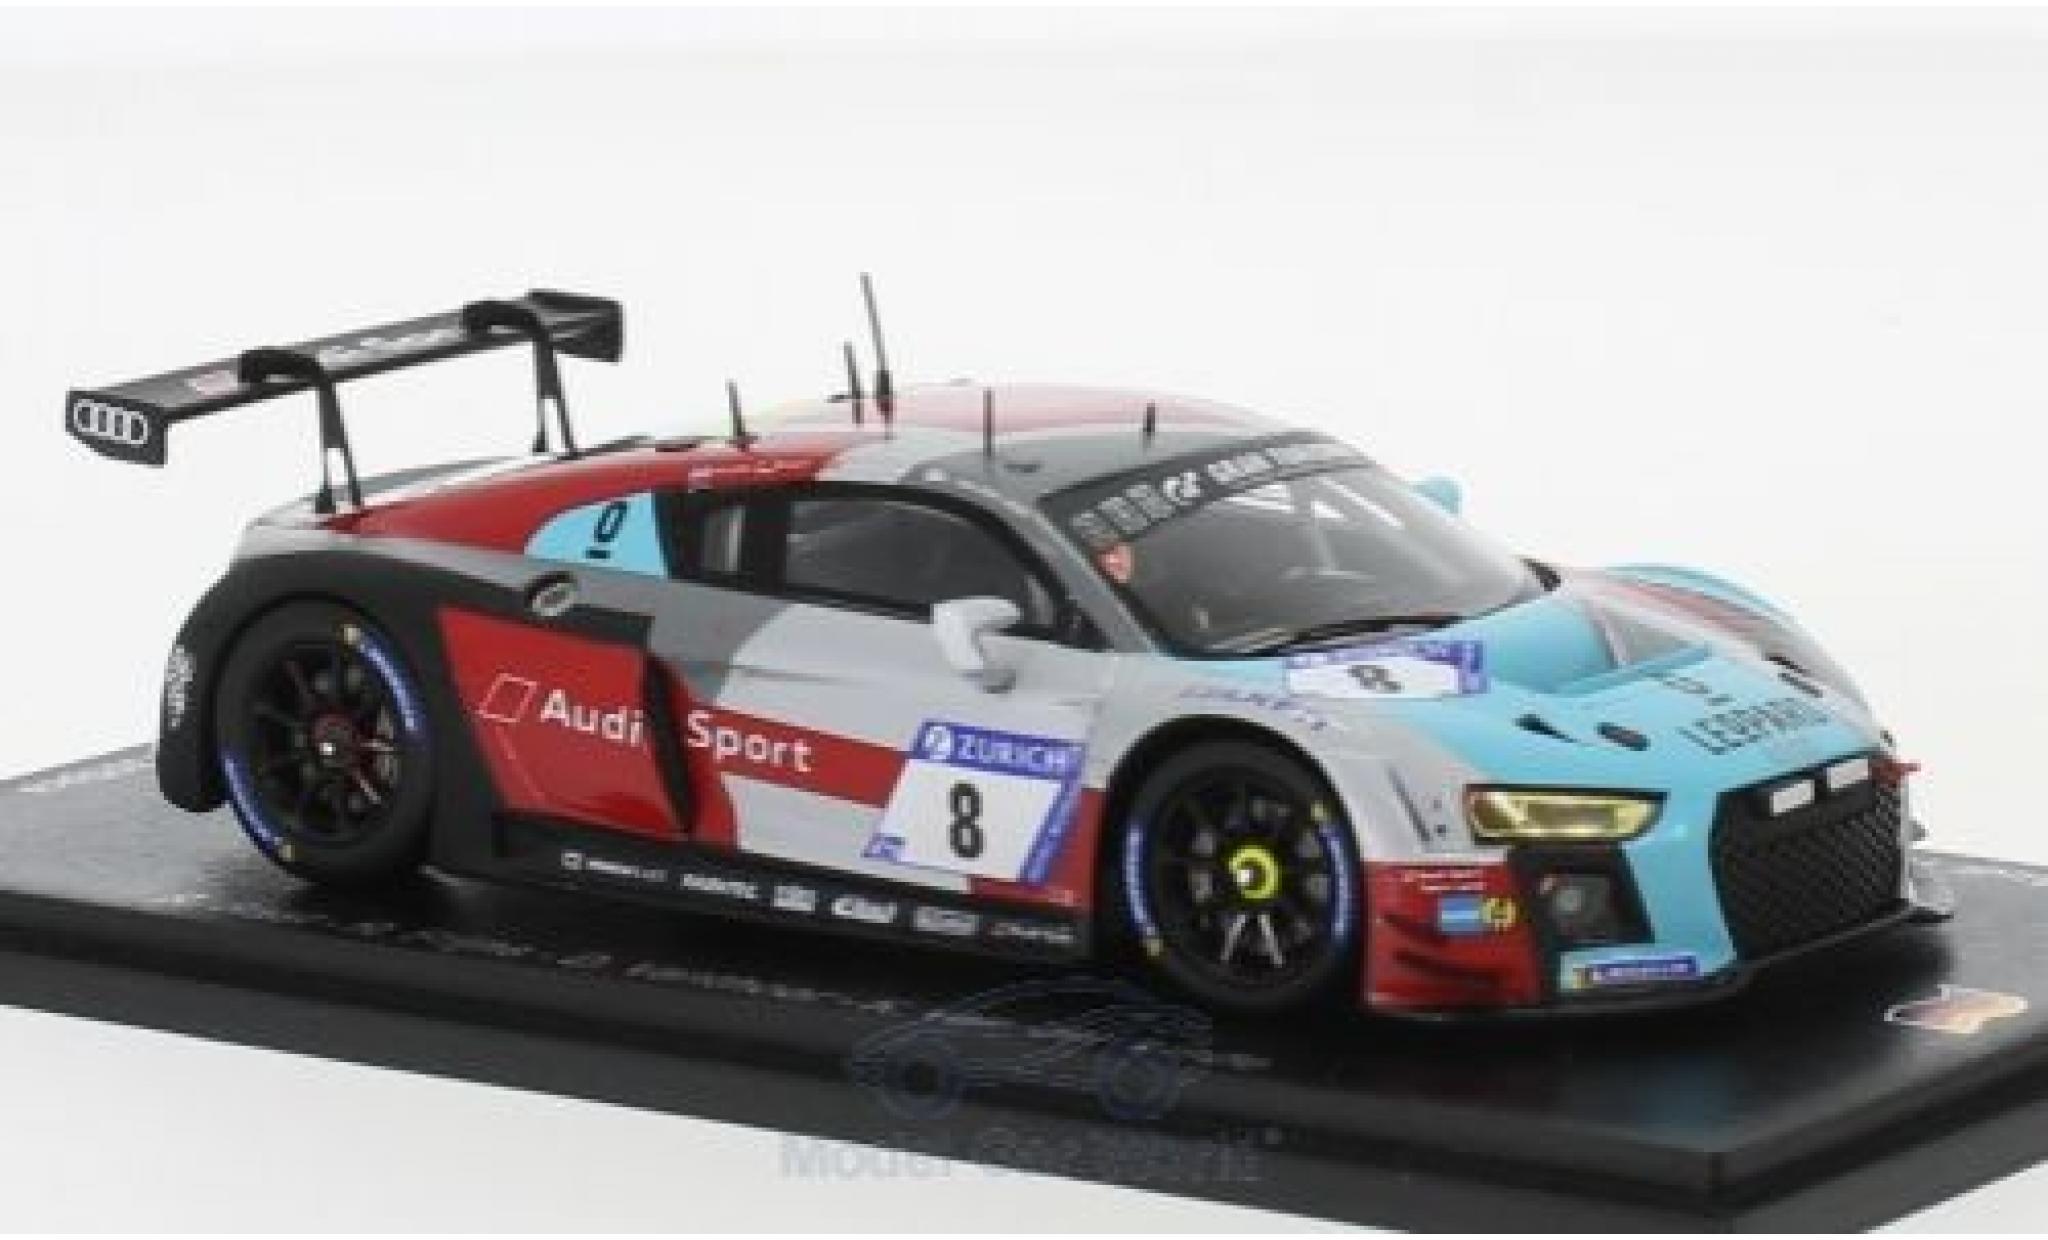 Audi R8 1/43 Spark LMS No.8 Sport Team WRT 24h Nürburgring 2018 R.Rast/R.Frijns/D.Vanthoor/K.van der Linde